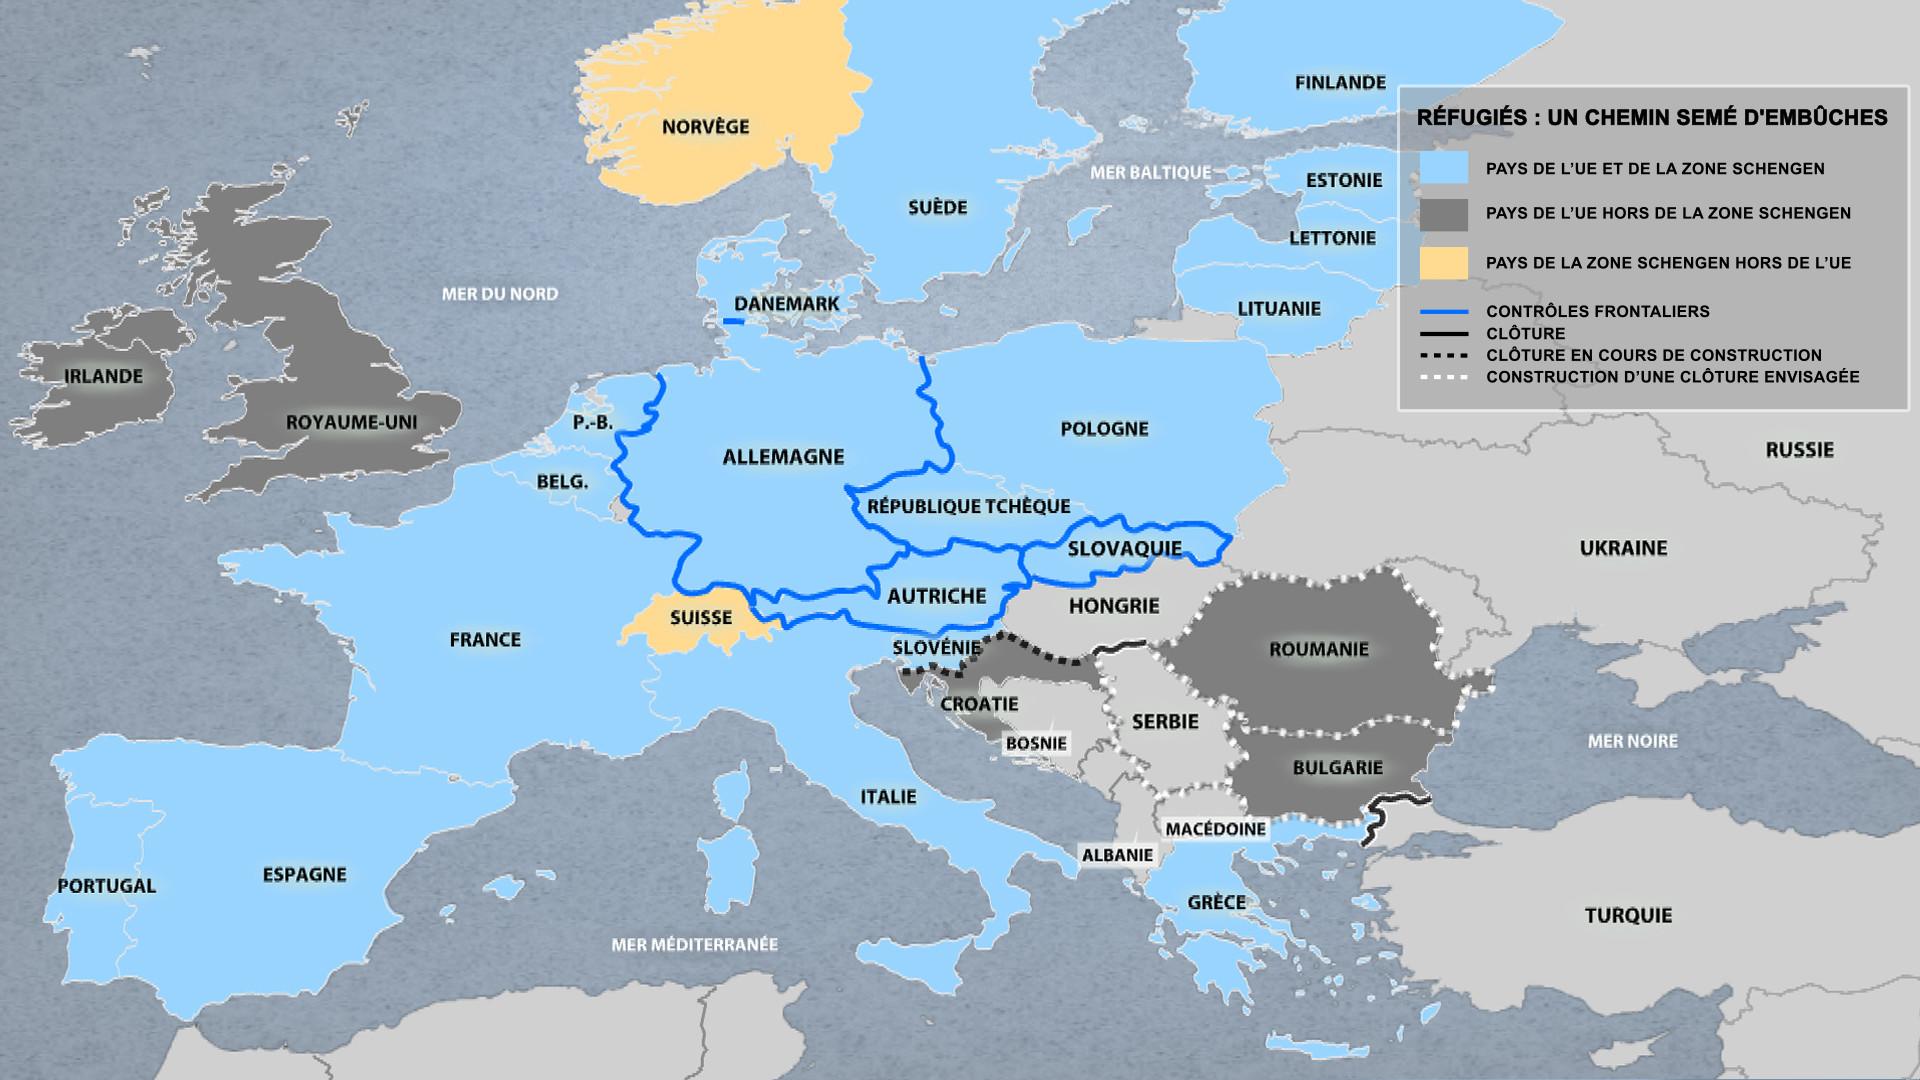 Crise migratoire : une carte montre comment l'Europe devient une forteresse anti-réfugiés